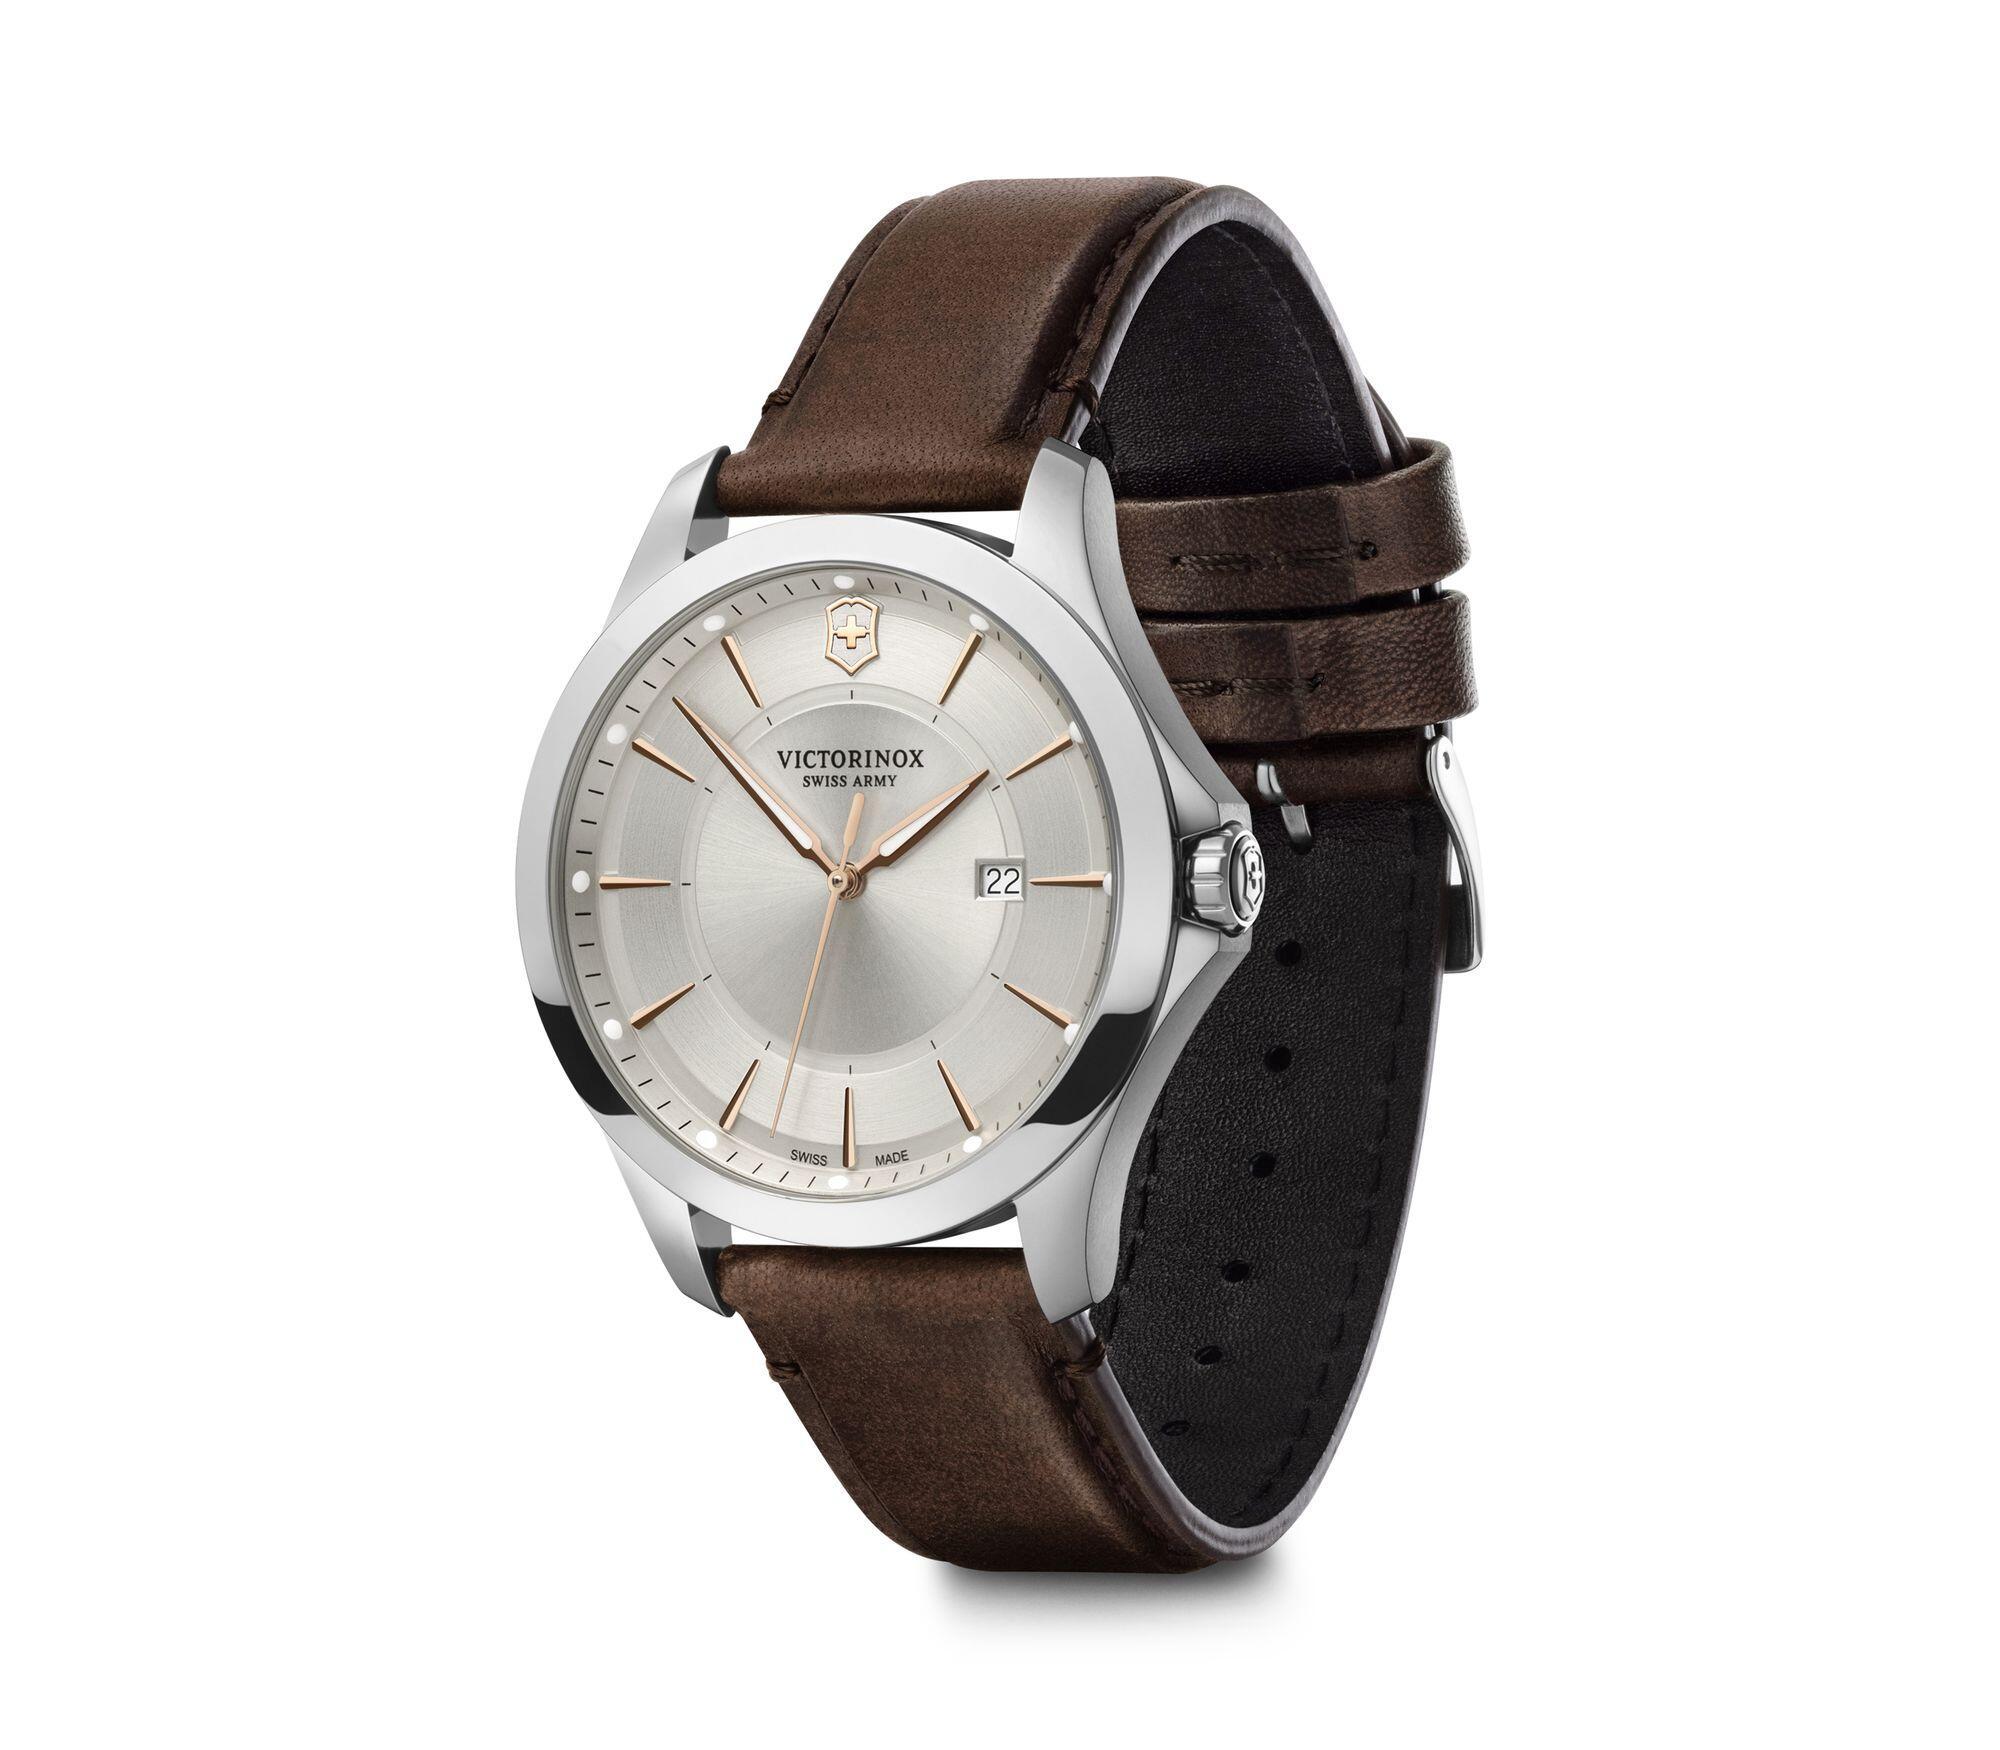 Relógio Victorinox Masculino Branco Silver - Alliance - 241907